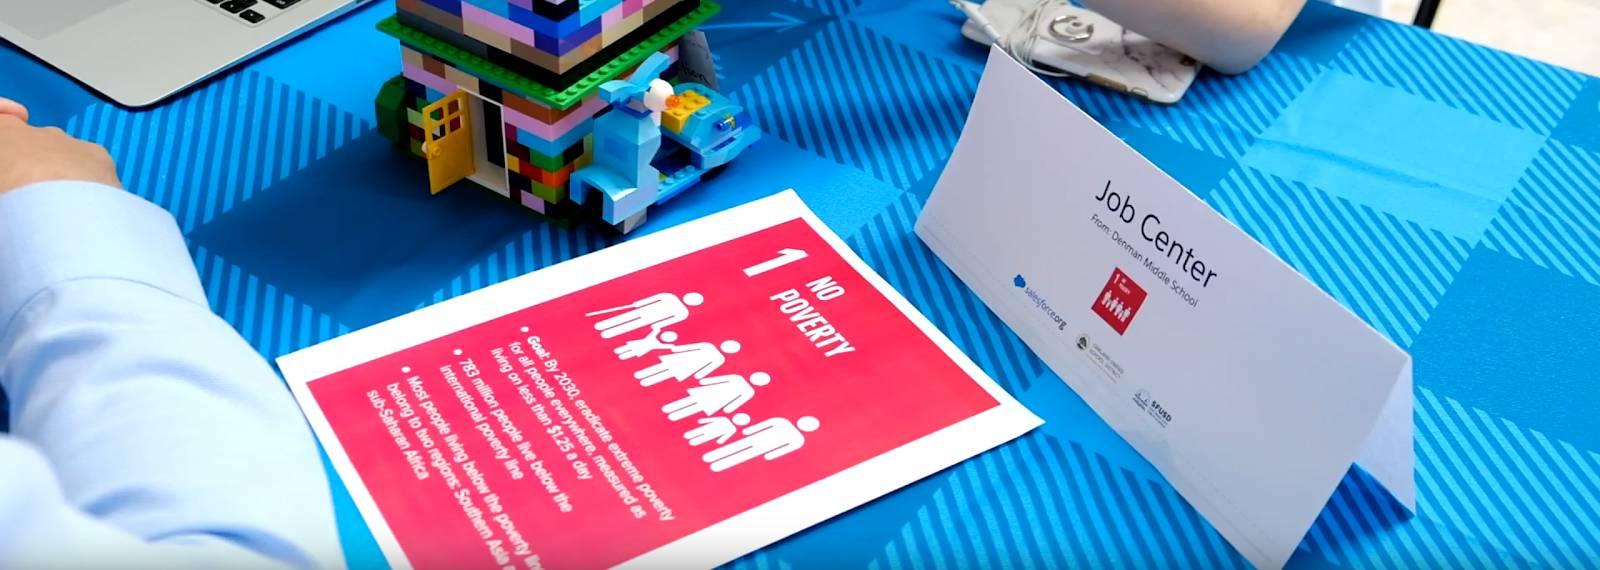 Exemplo de sinalização do grupo estudantil de uma Maker Faire da Salesforce realizada na área da baía de São Francisco